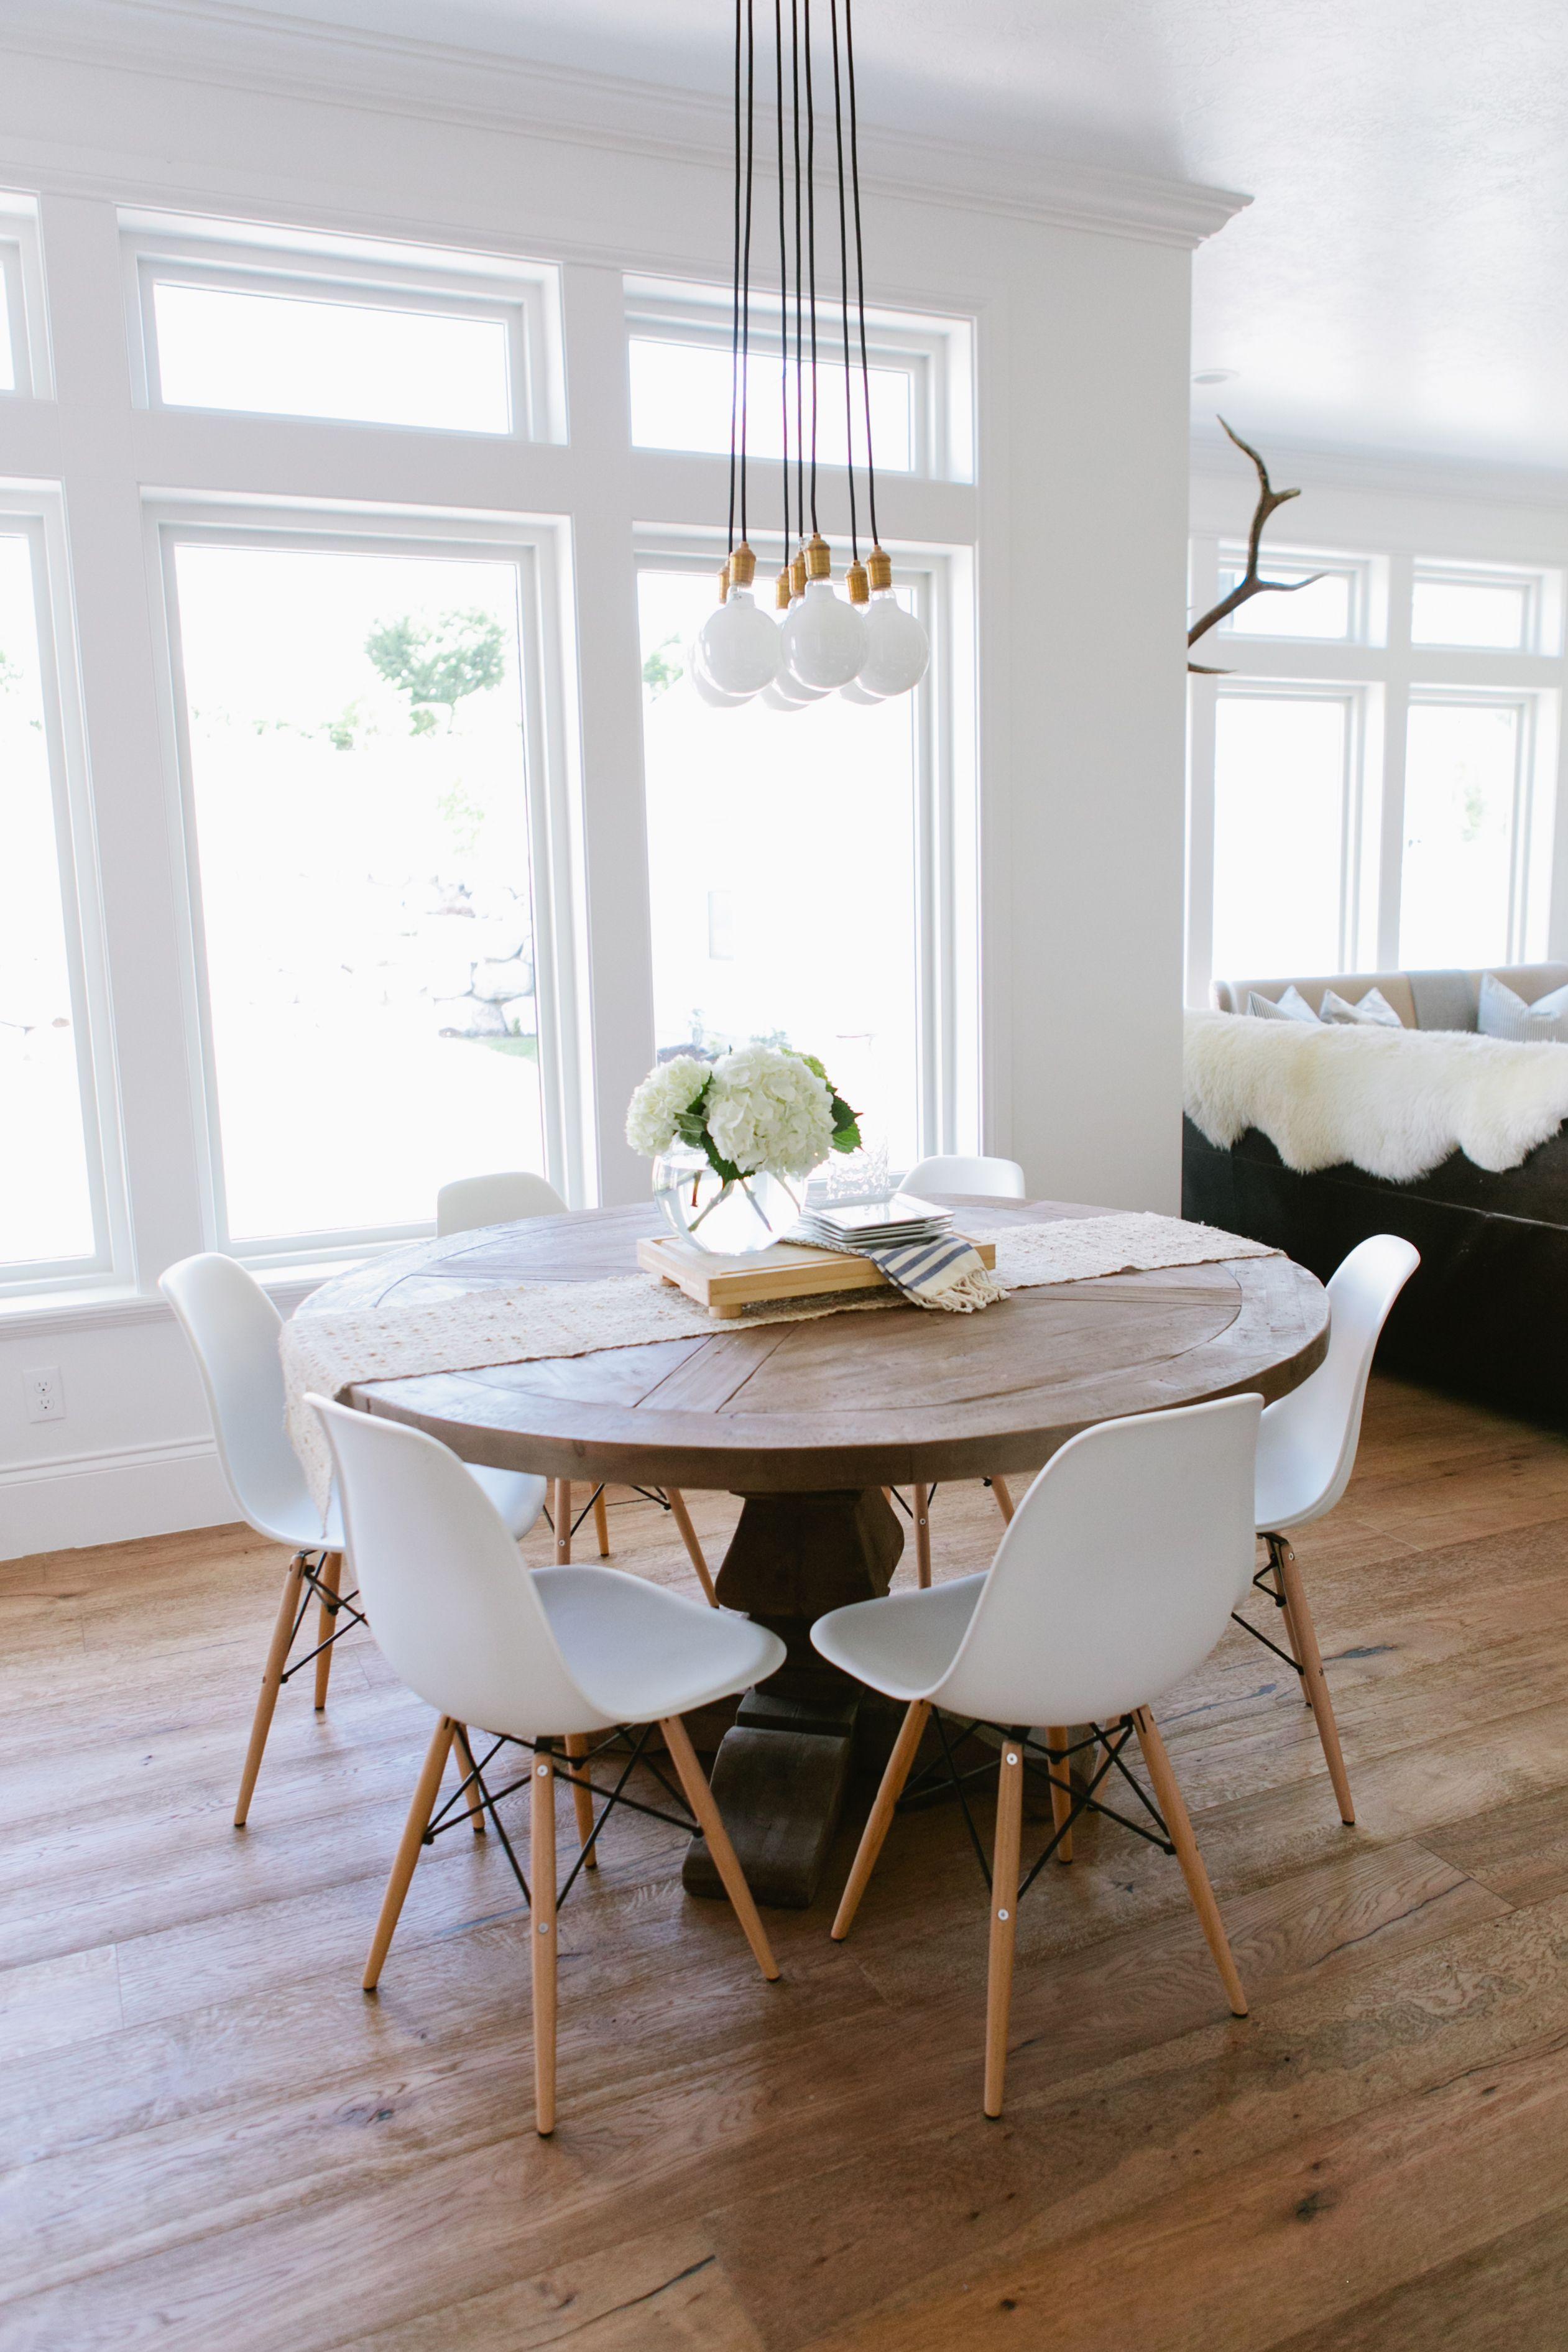 Mesa redonda decoracion moderna comedores pinterest - Comedores mesa redonda ...